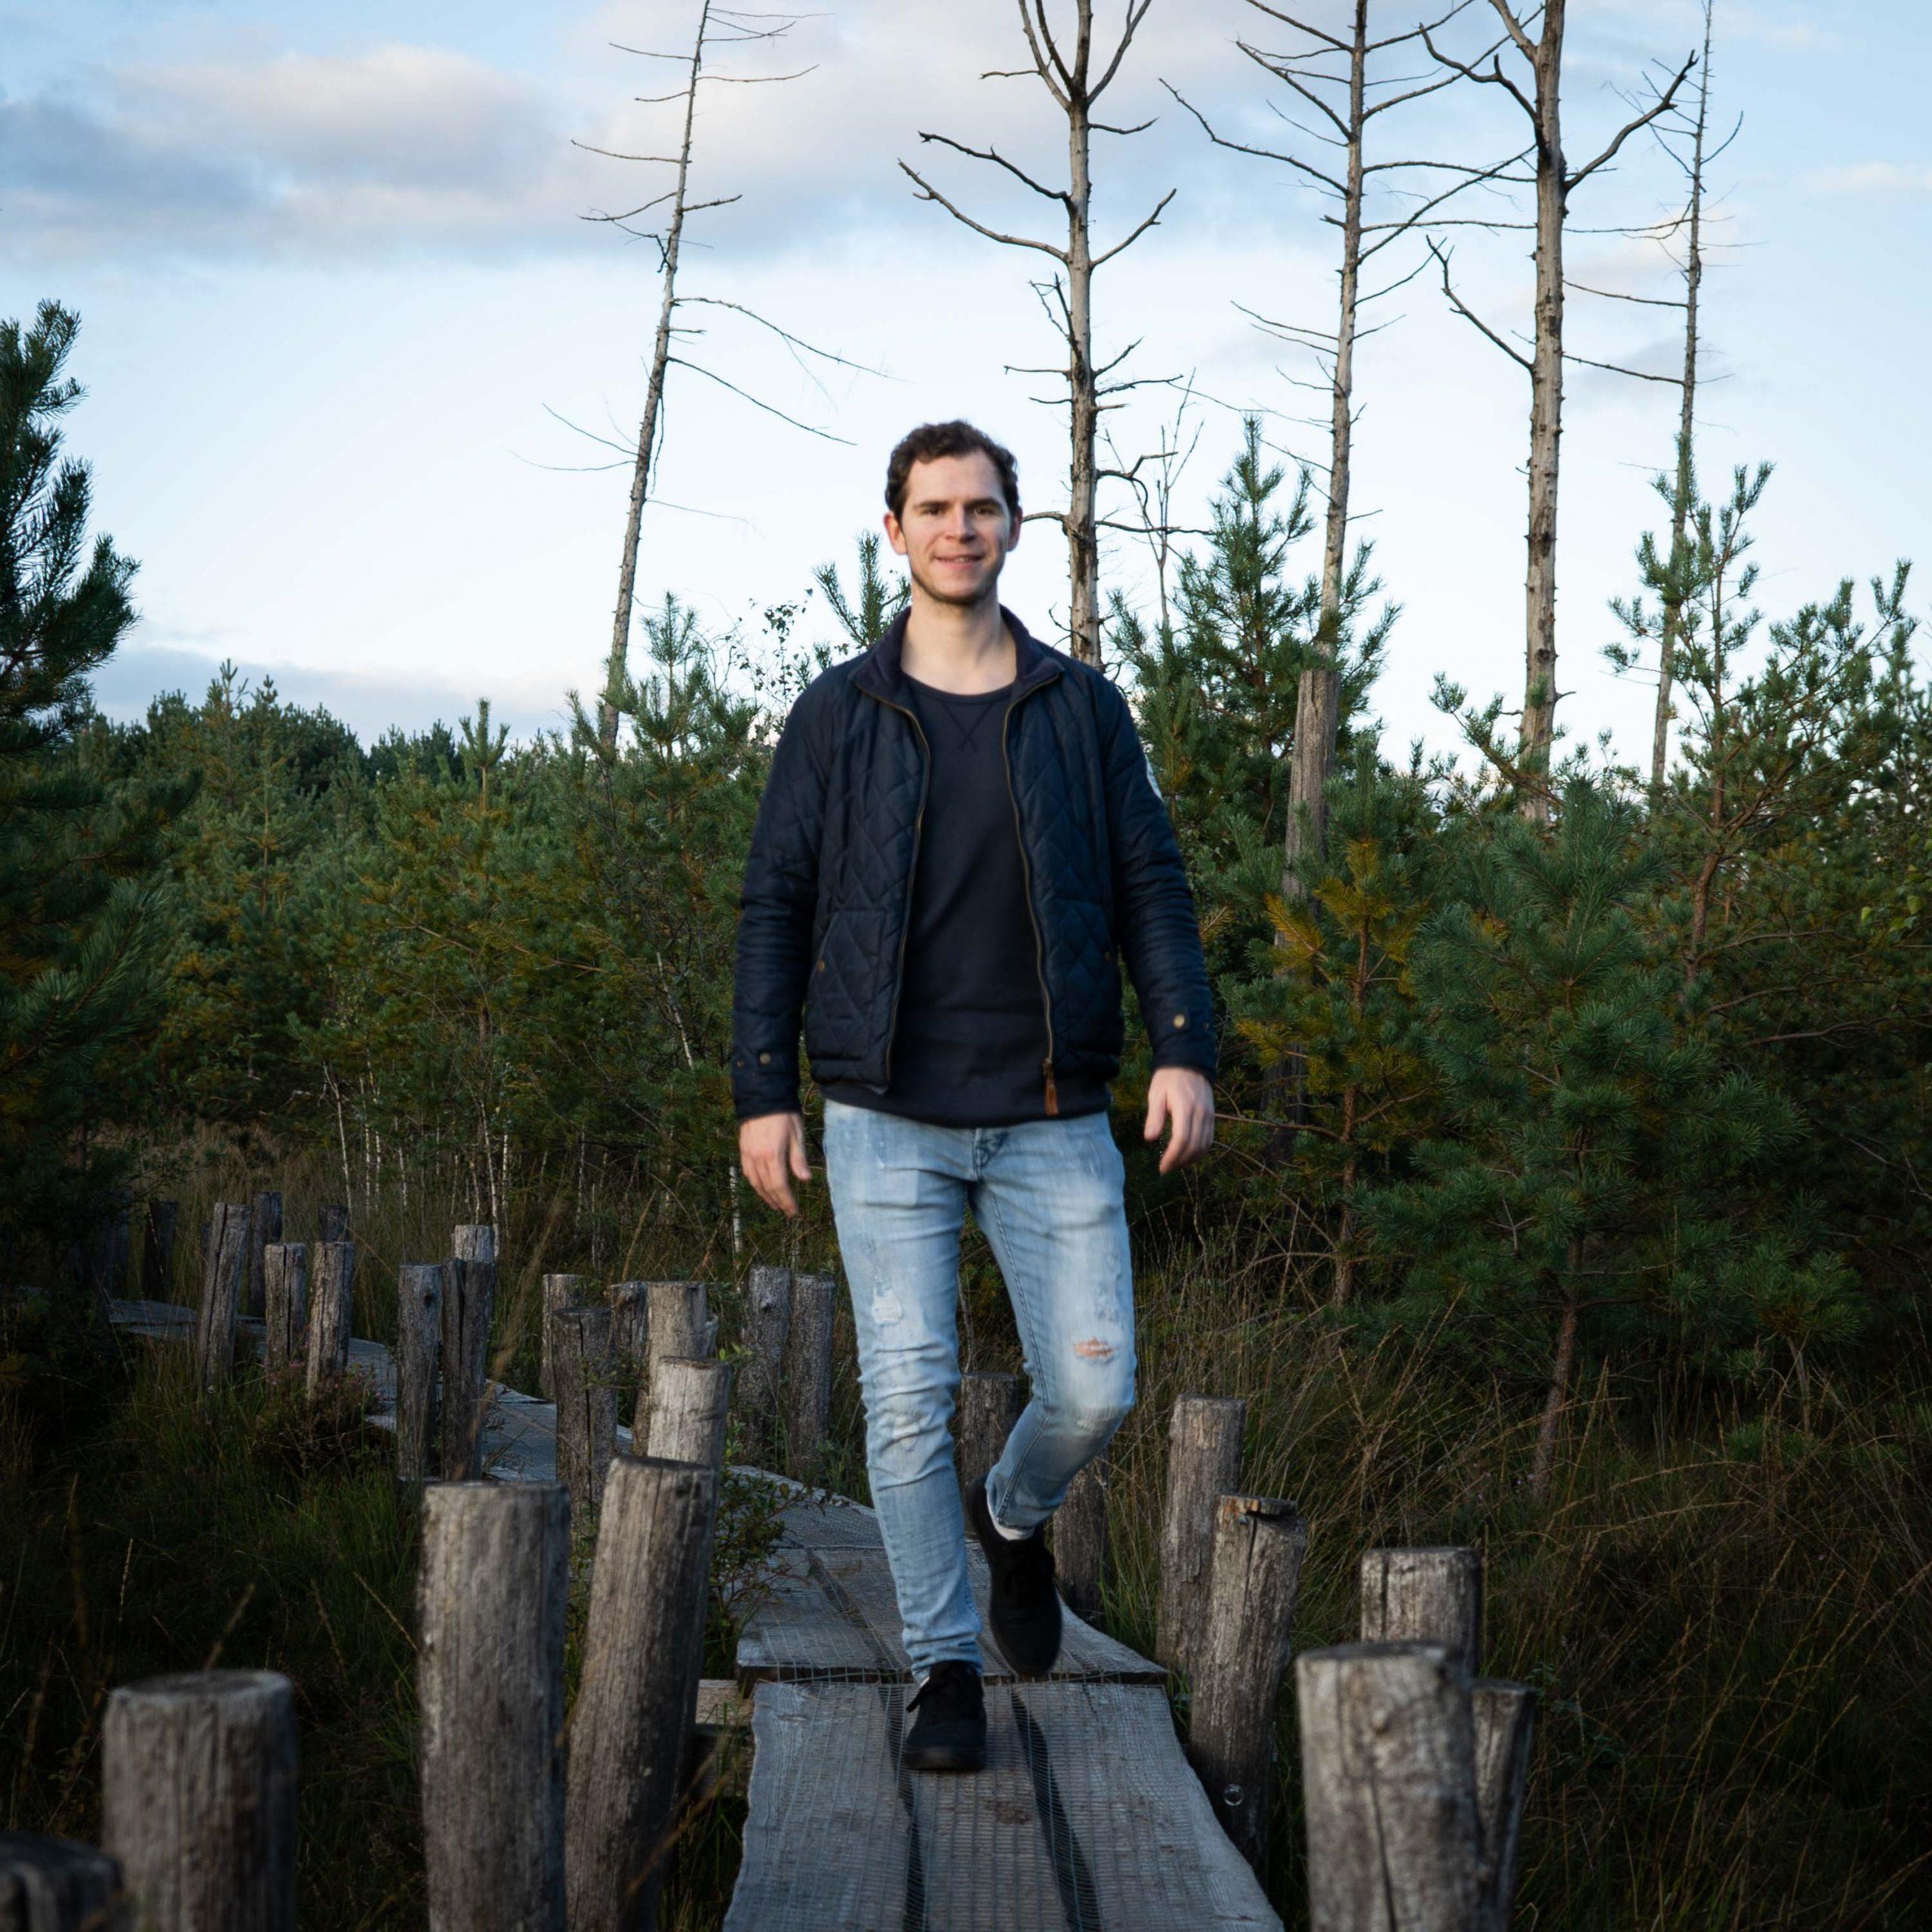 Mike Frijlink